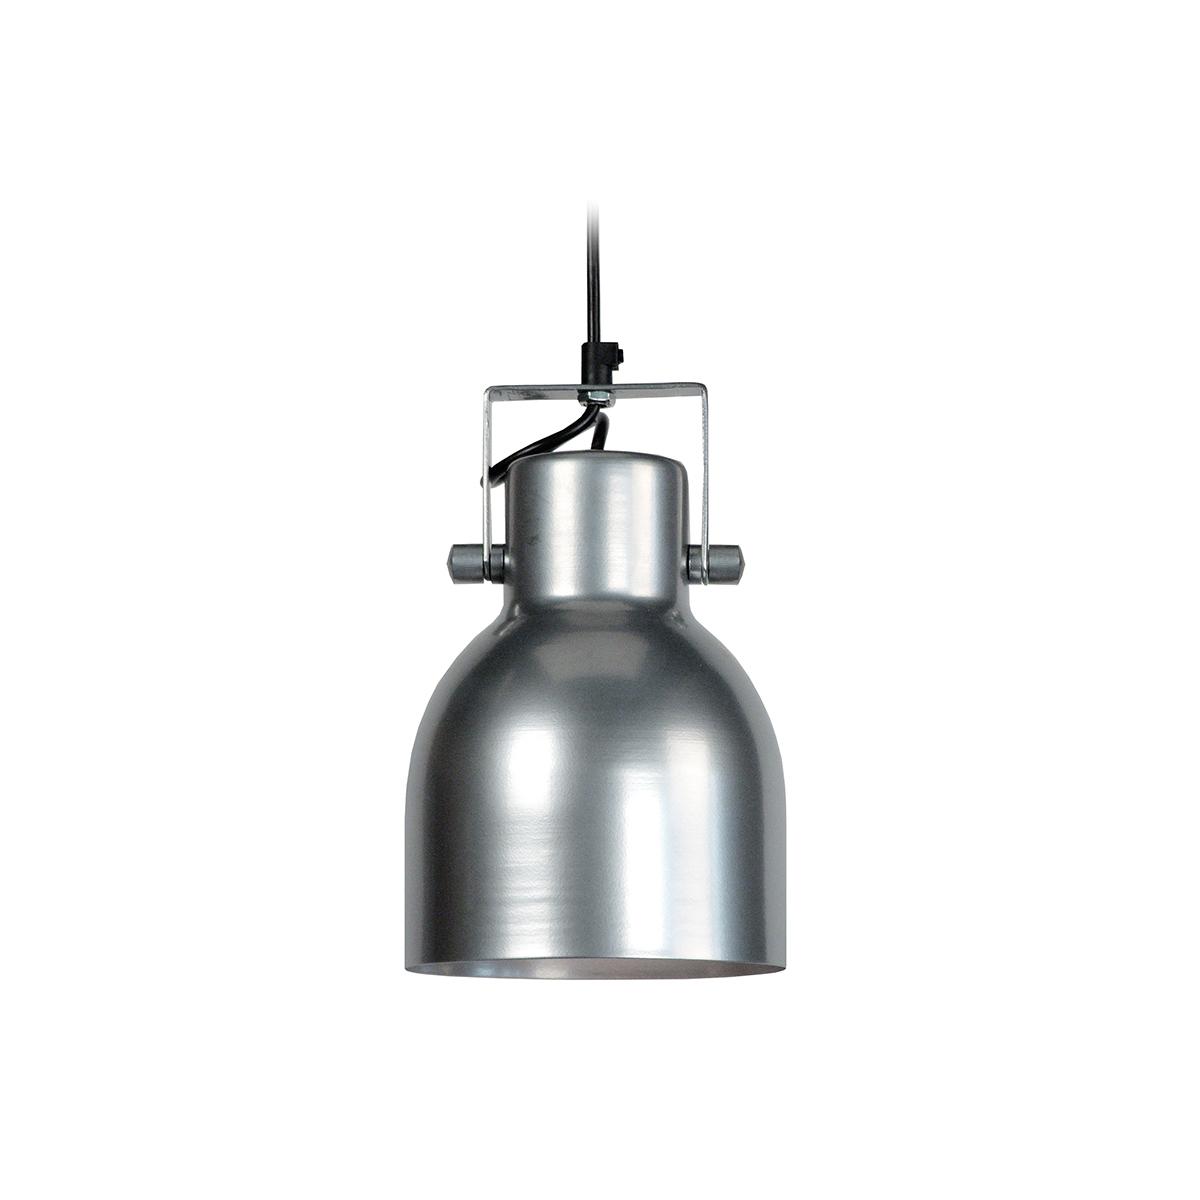 Lampadario design in acciaio Cromato CITY